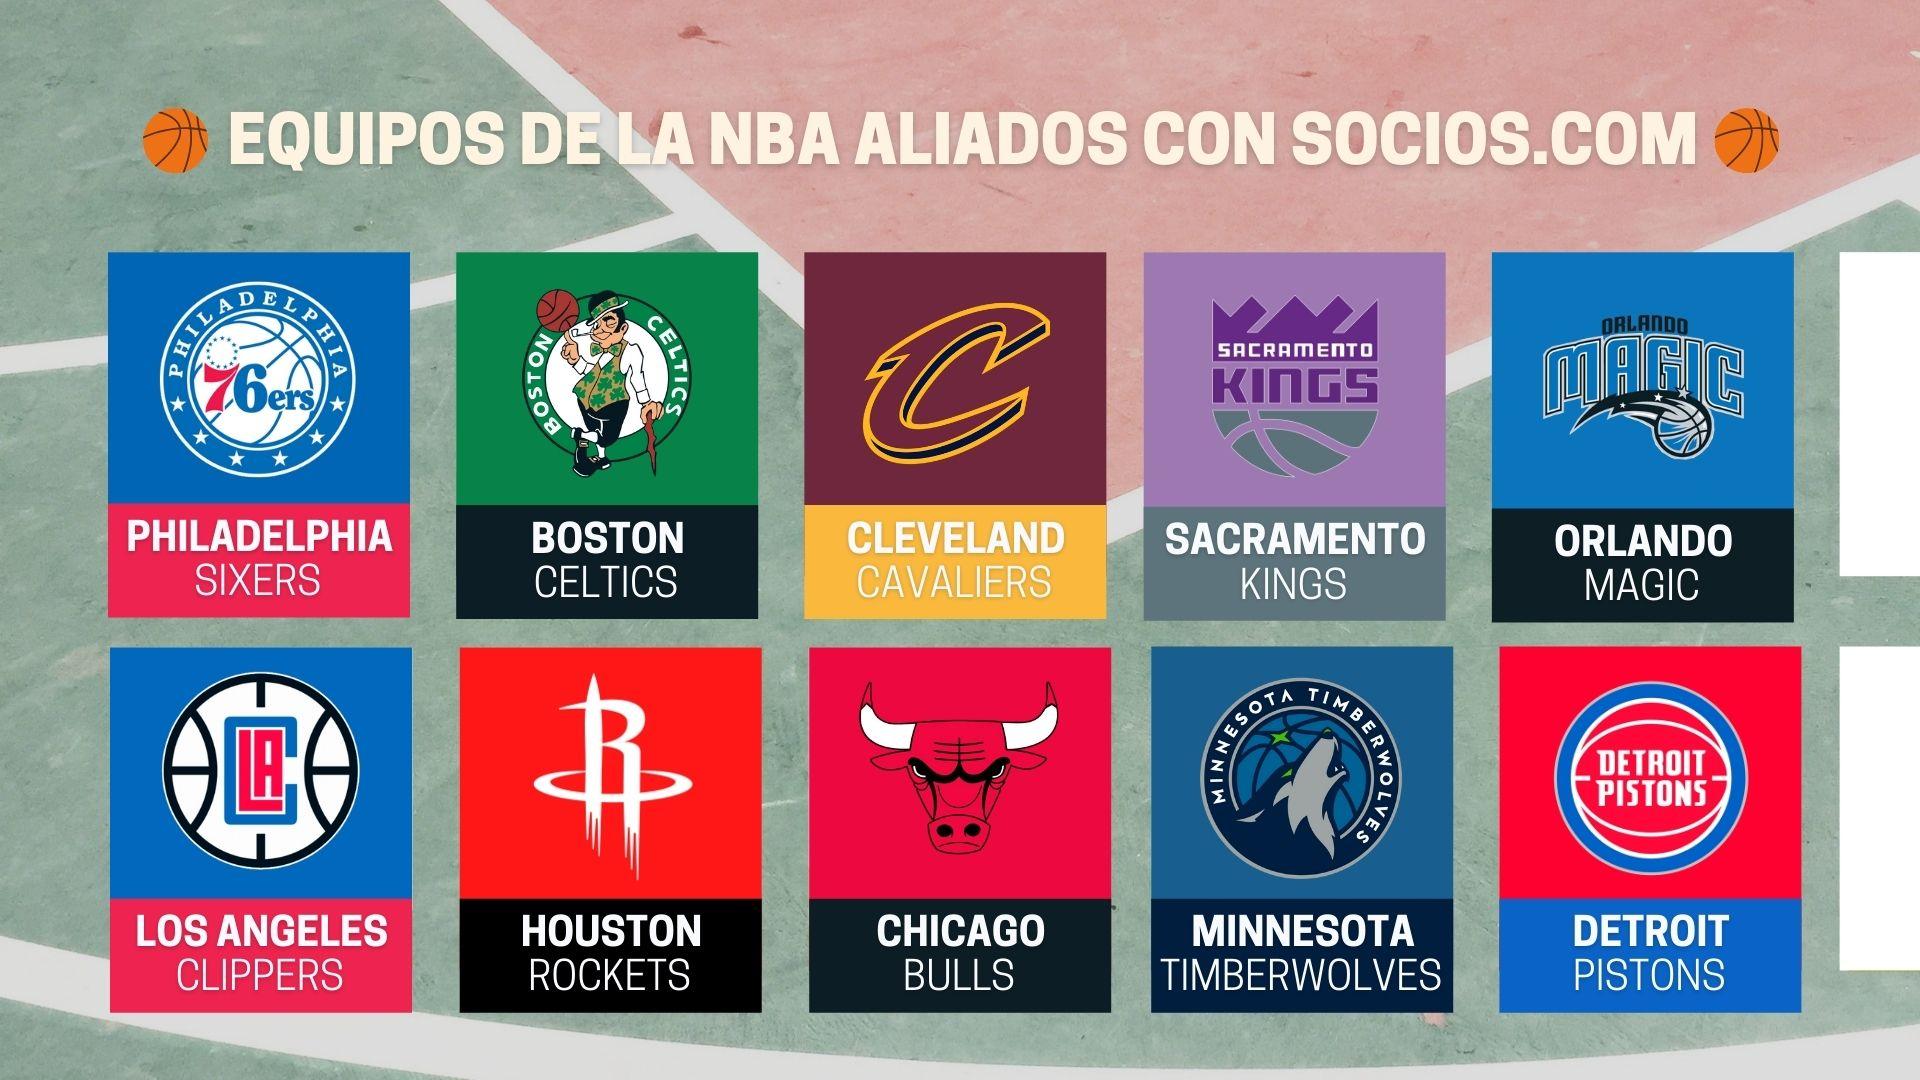 Socios NBA